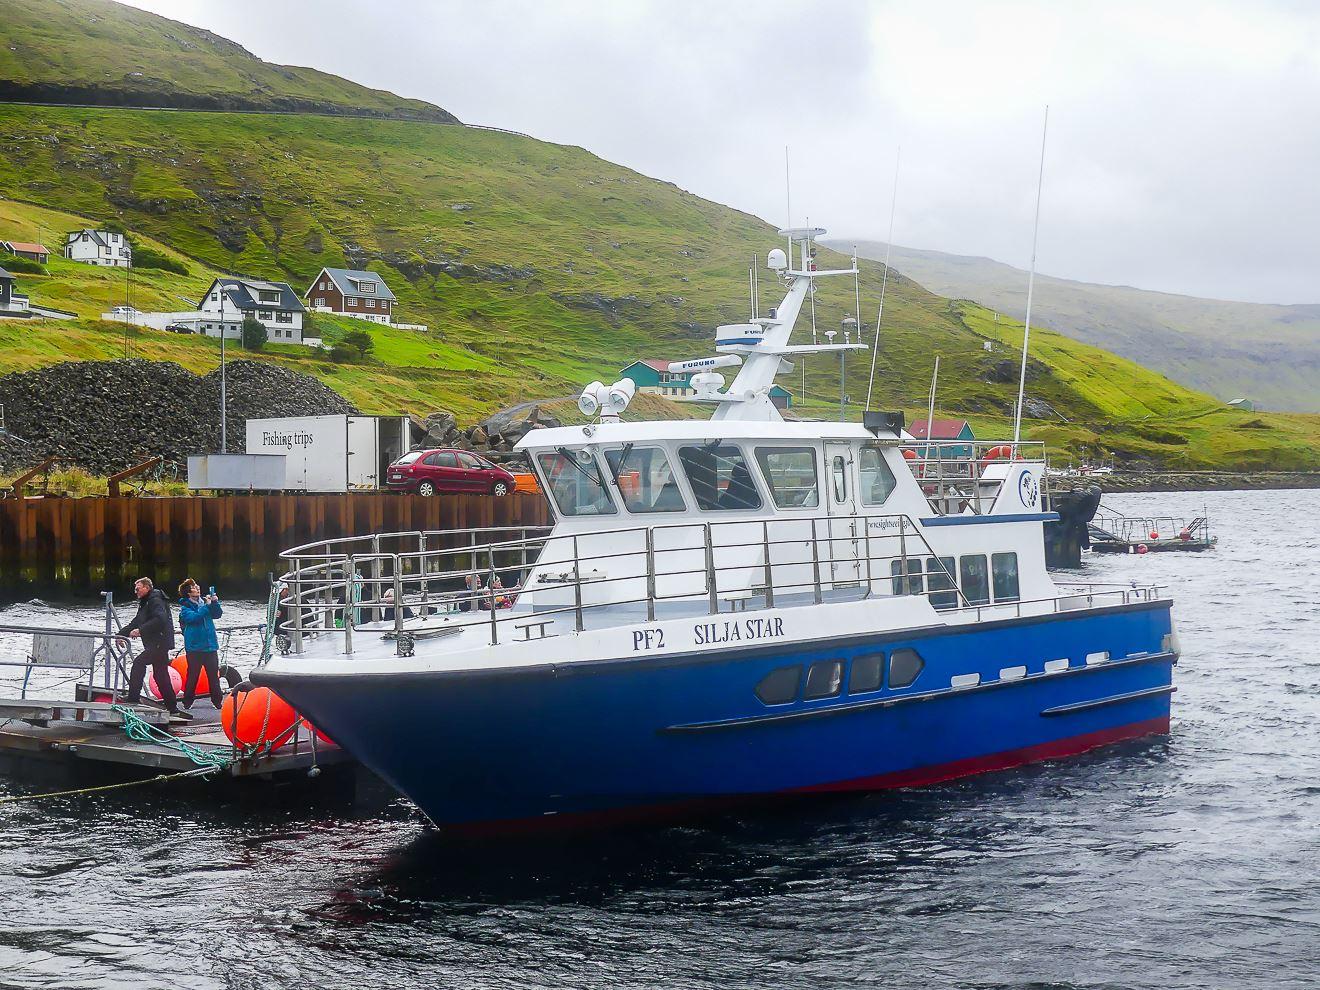 Notre bateau contre vents et marées